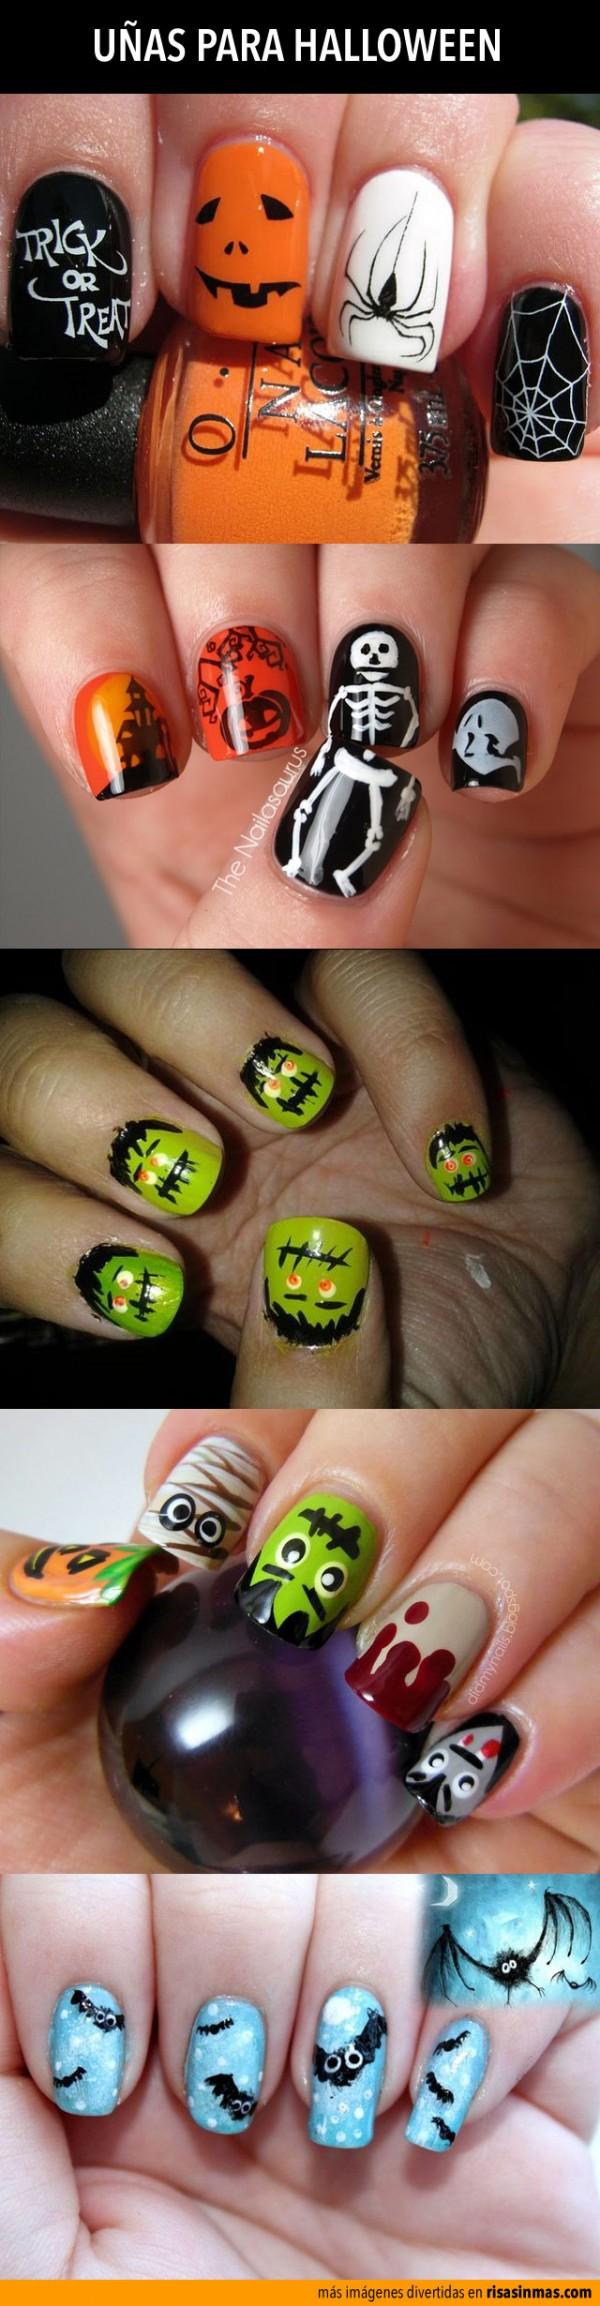 Uñas para Halloween